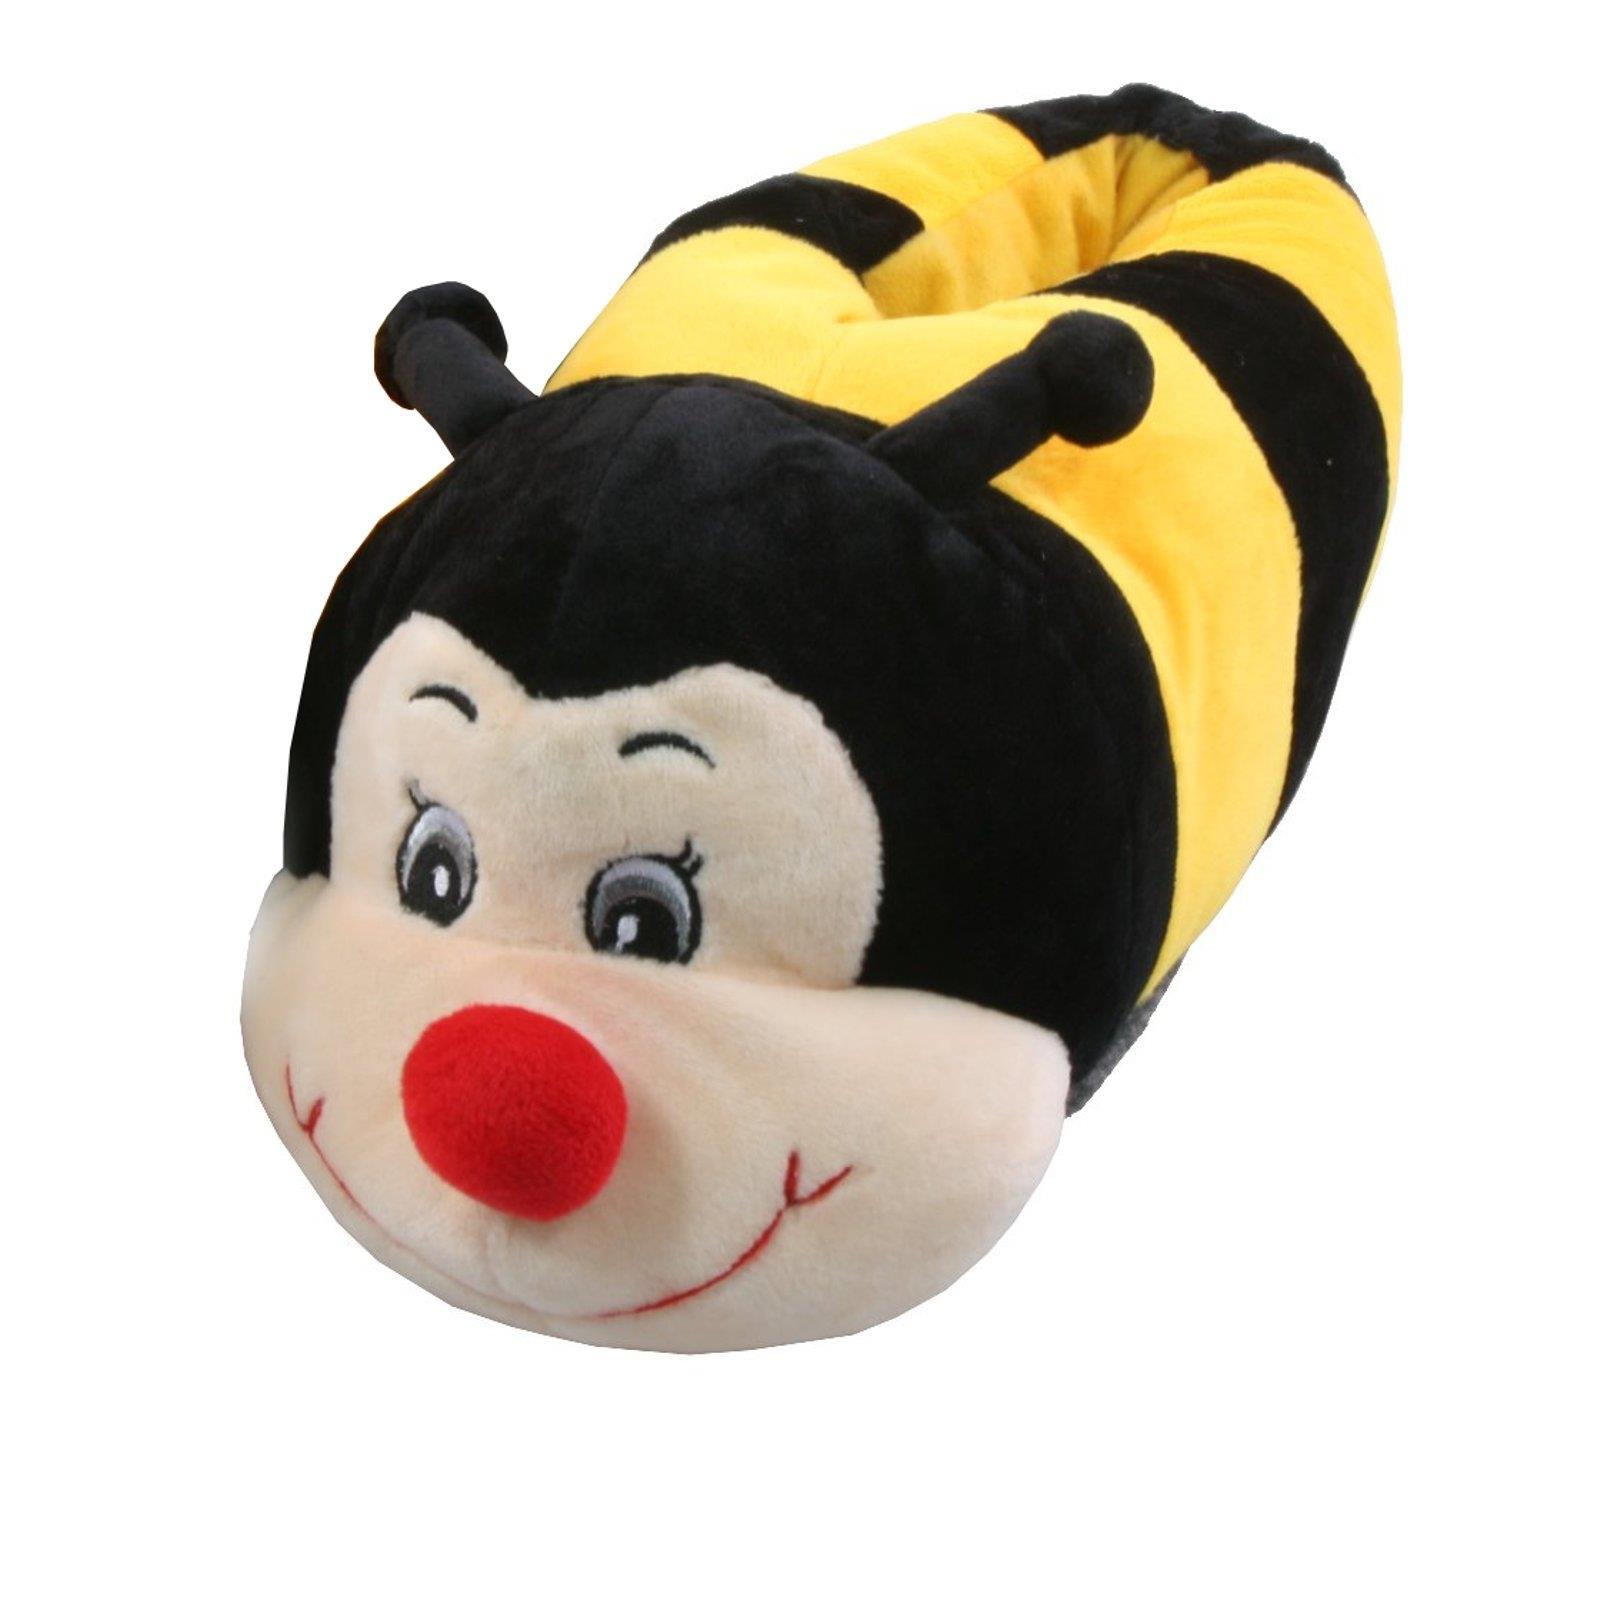 Biene Tier Hausschuhe Pantoffel Gelb Schlappen Kuscheltier Plüsch Kinder Gelb Pantoffel 36-41 e55cf7